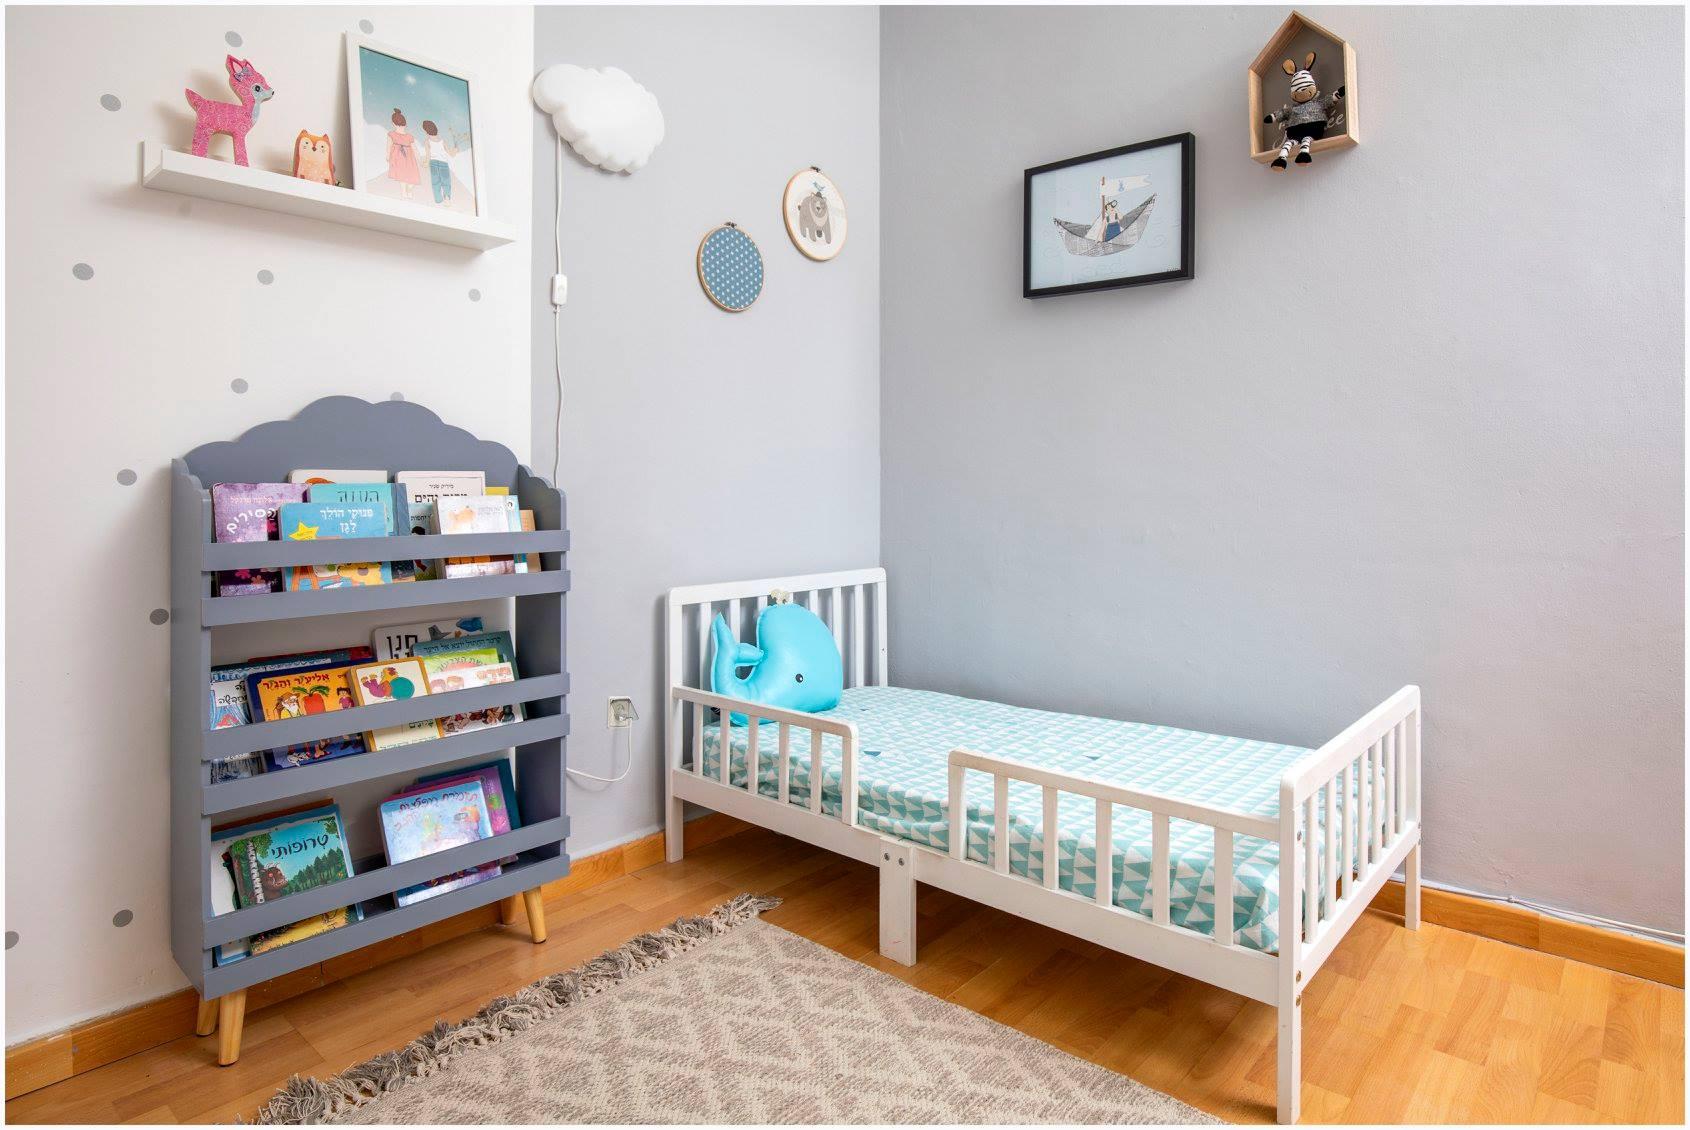 עיצוב חדר ילדים עפרי ורואי 19